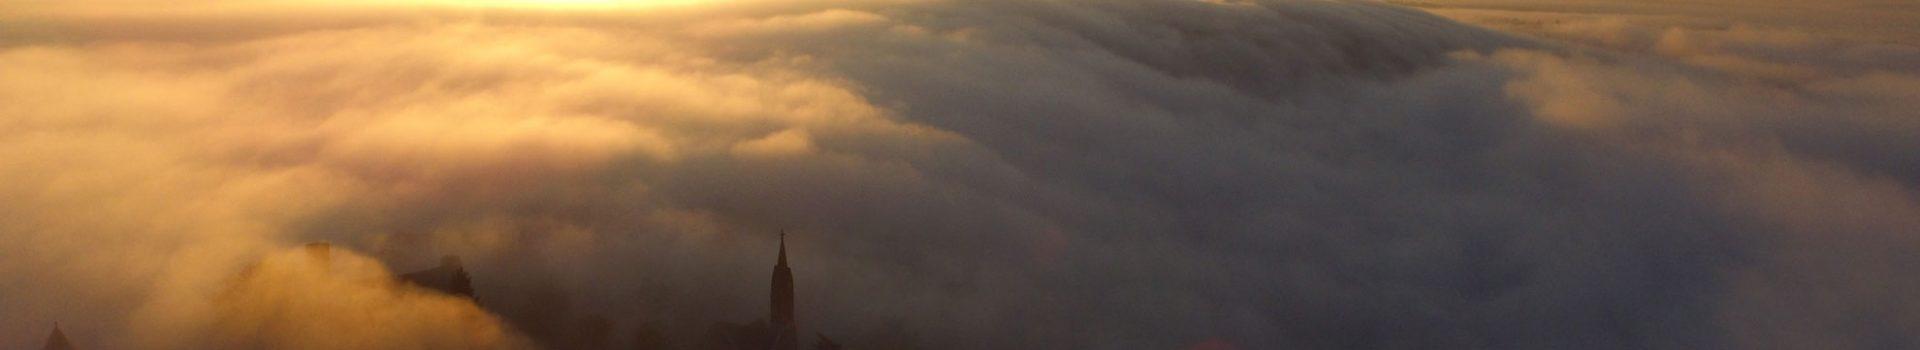 [Drohnenvideo] Ein Meer aus Wolken